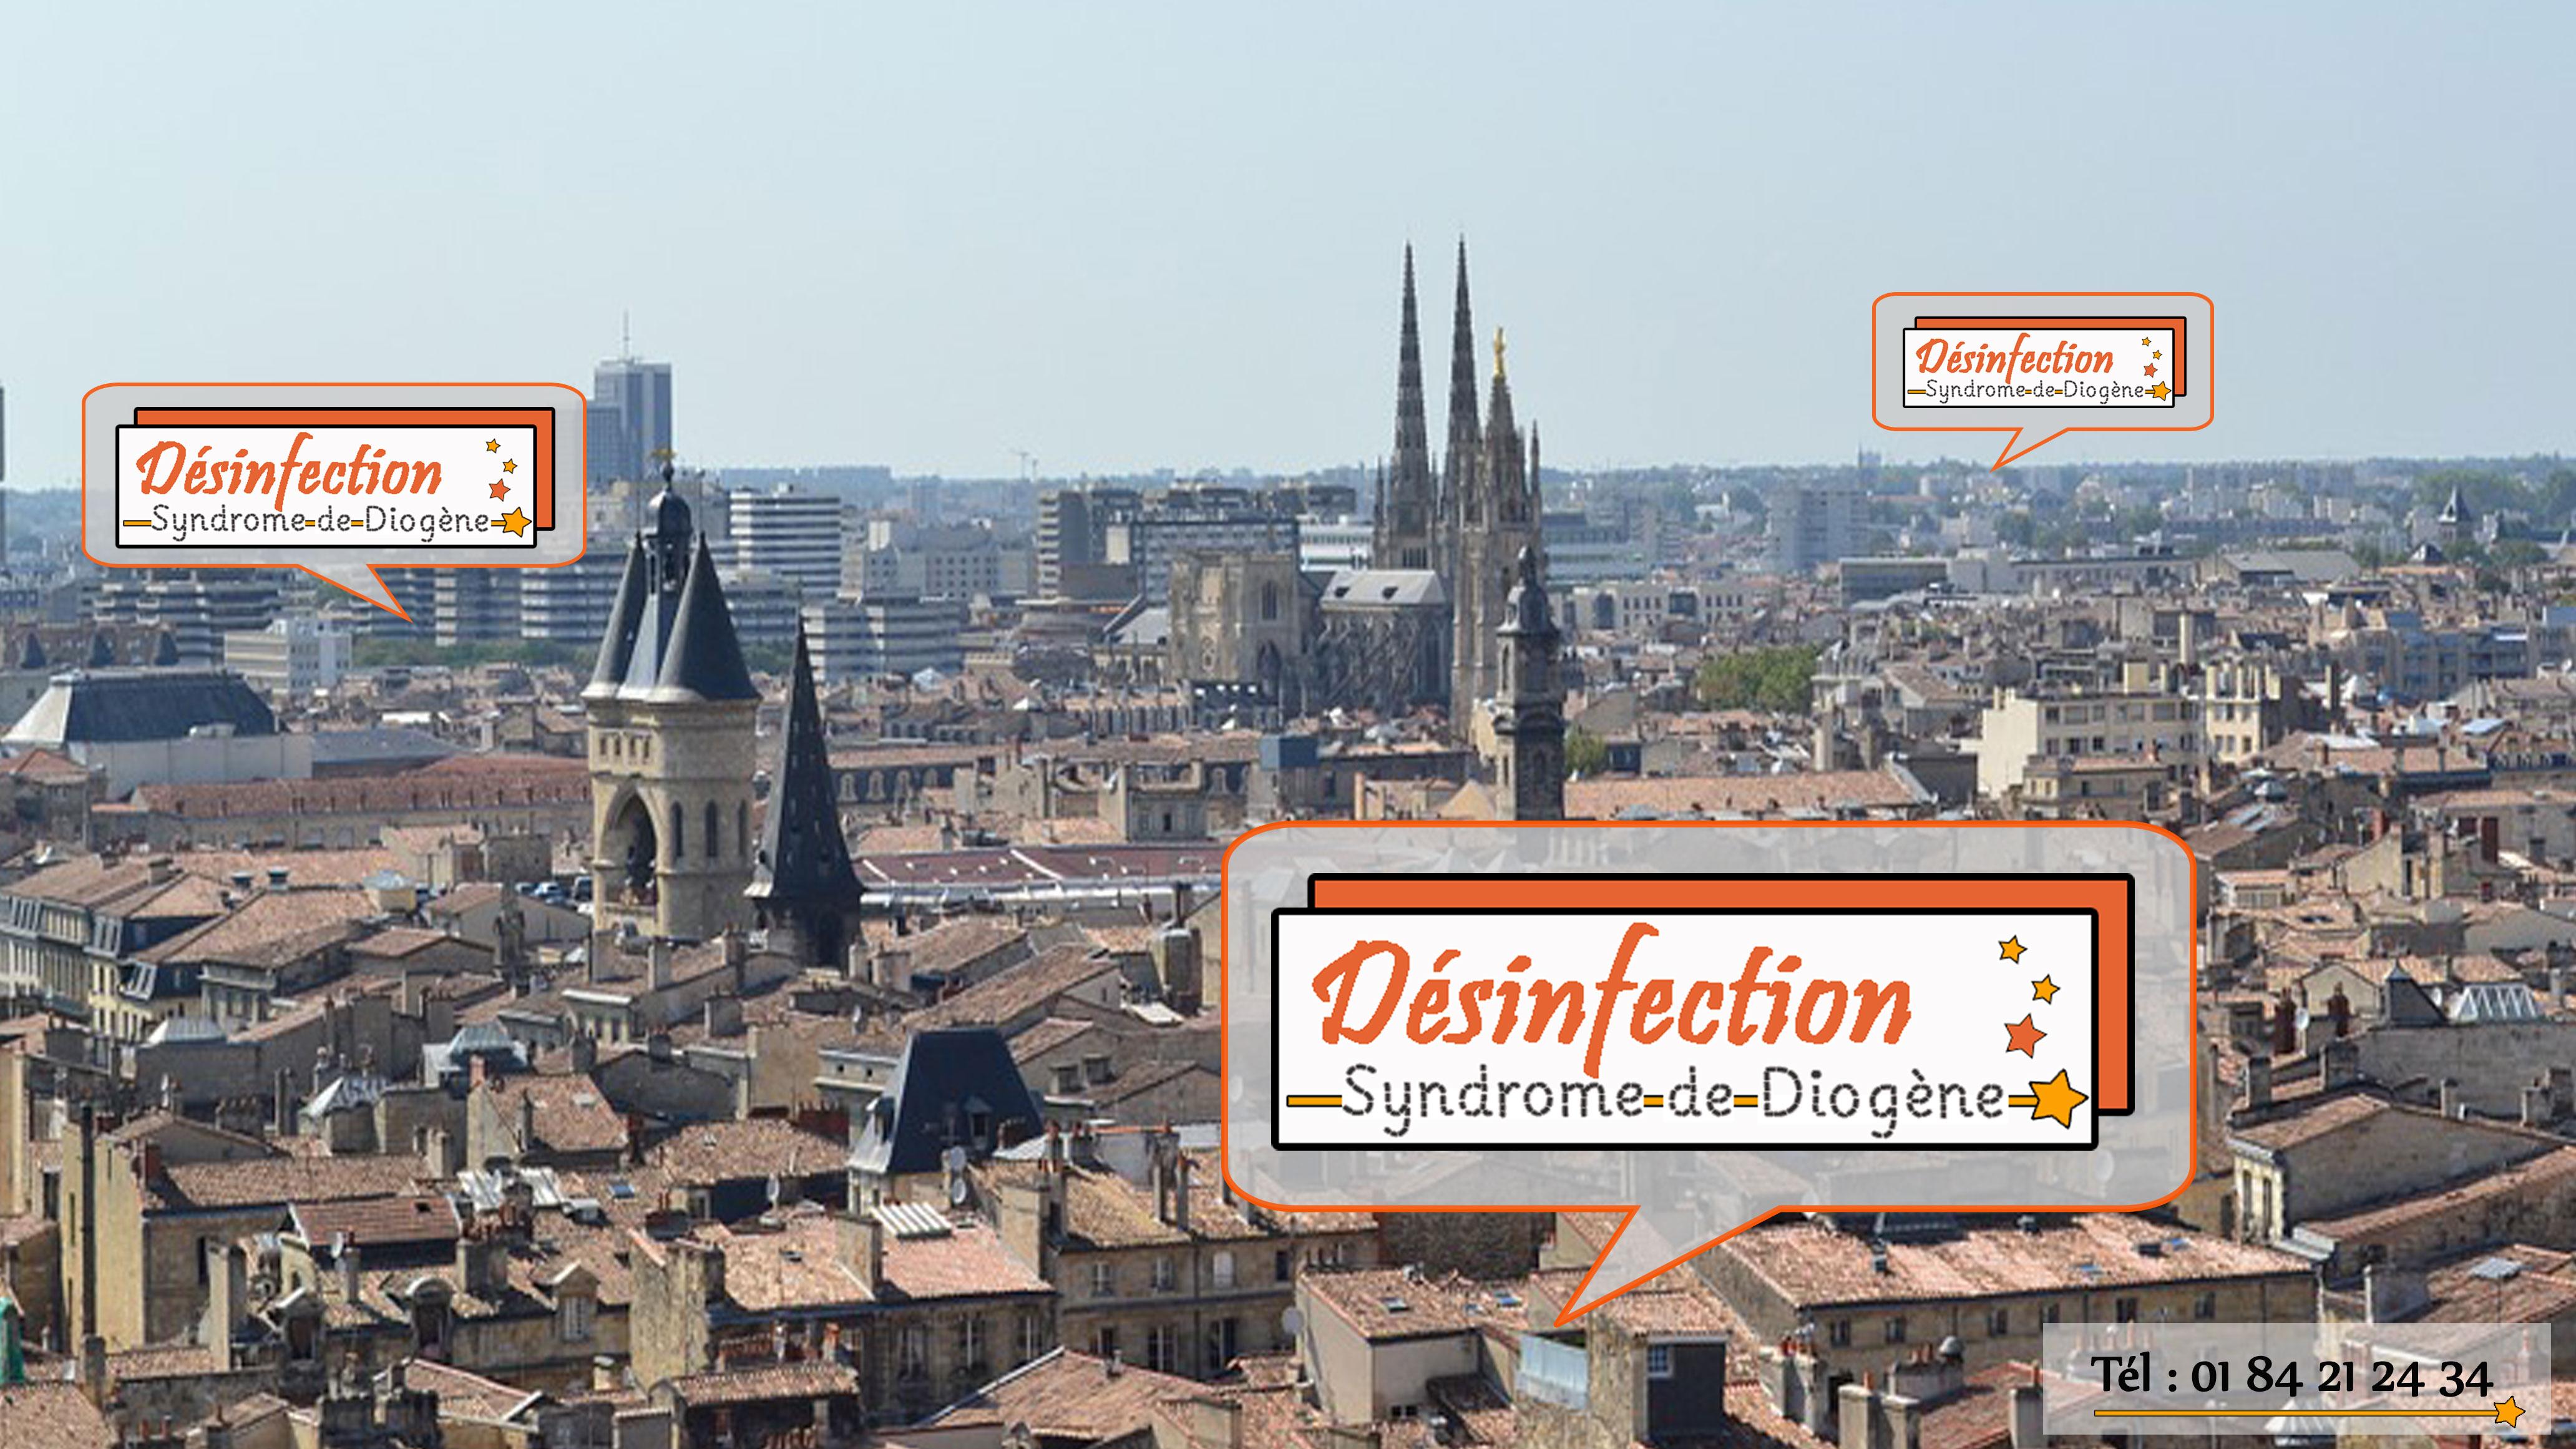 Bordeaux-Entreprise-Nettoyage-Désinfection-Syndrome-Diogène